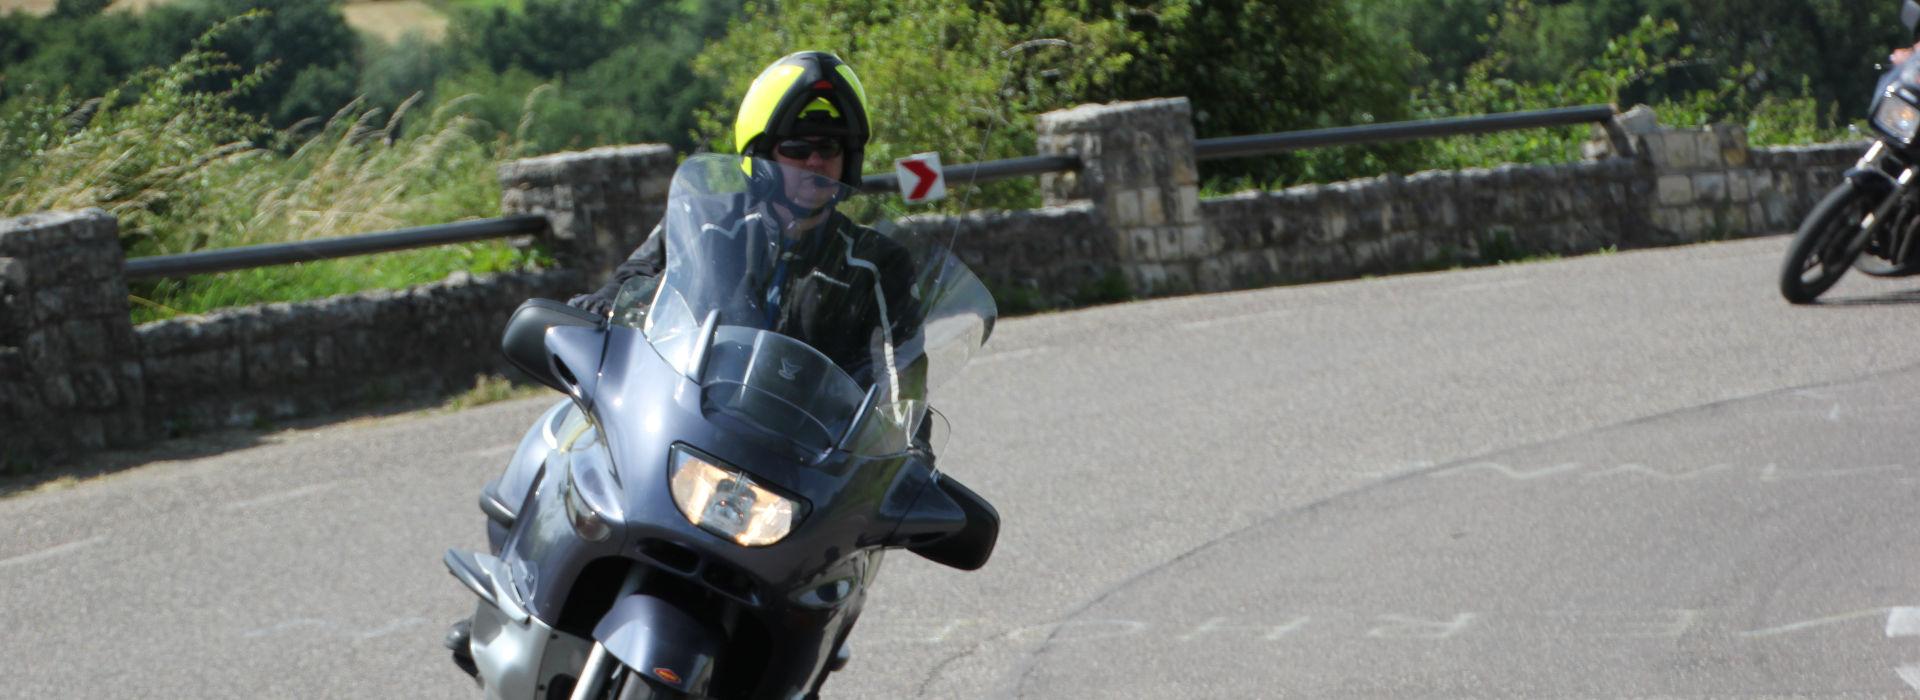 Motorrijbewijspoint Lisserbroek spoed motorrijbewijs